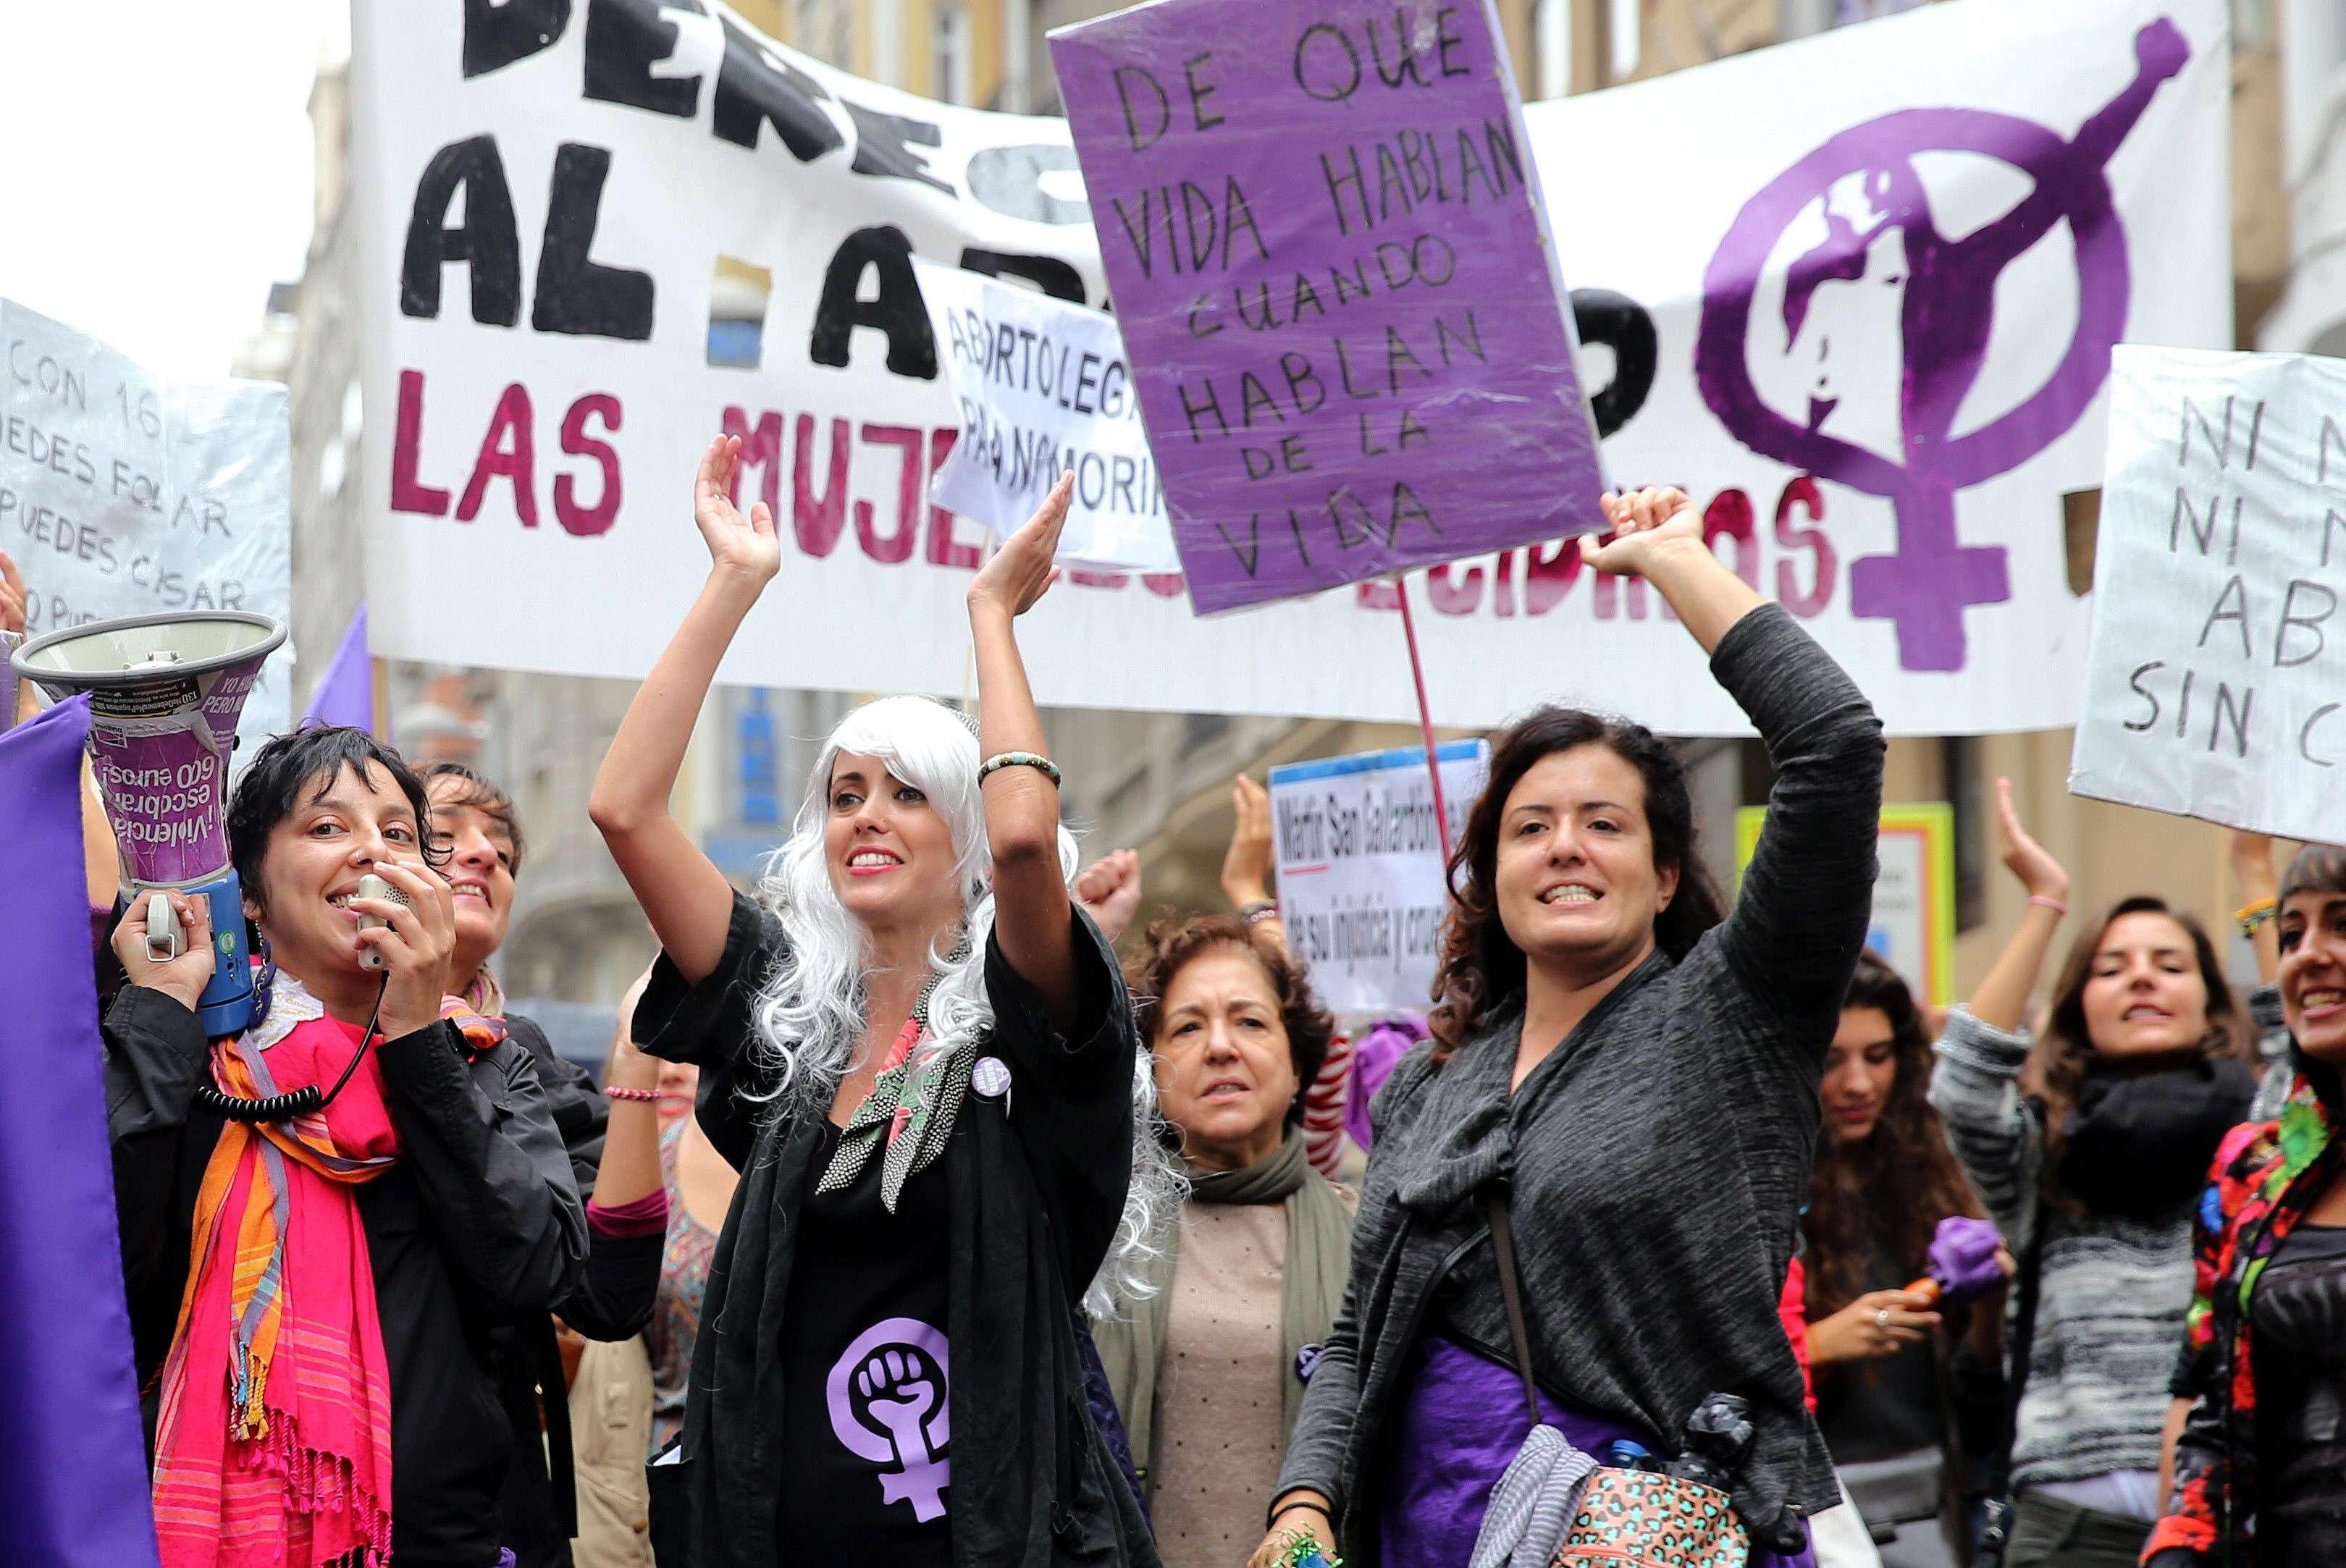 Miles de argentinas hicieron el lunes un simbólico abrazo al Congreso en Buenos Aires para exigir la sanción de una ley que garantice el aborto legal, en un país donde se practicaría medio millón de abortos por año. Foto: EFE en español